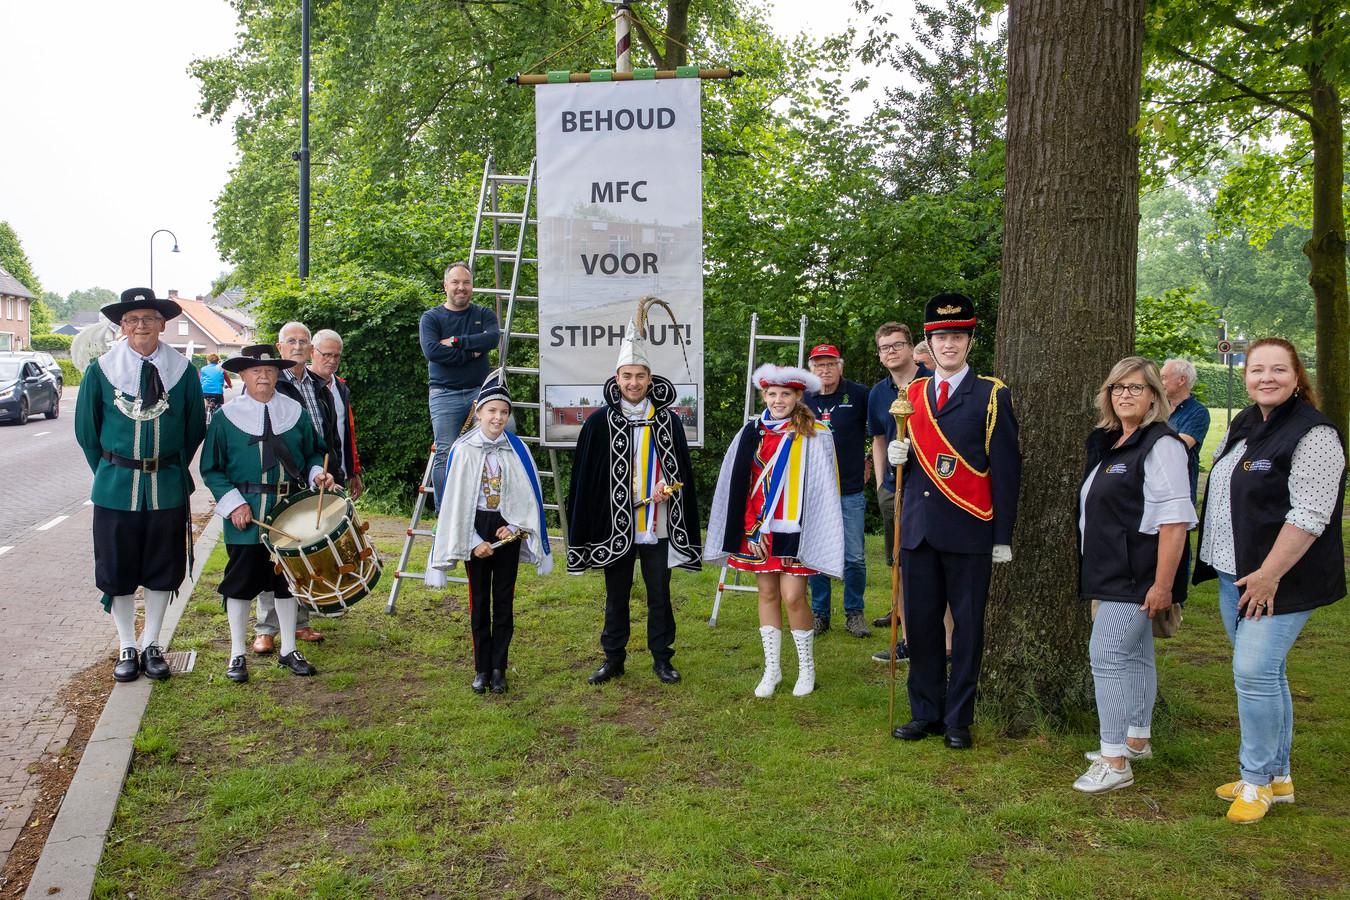 Stiphoutse verenigingsmensen en andere verontruste wijkbewoners voeren actie voor behoud van het wijkcentrum in Stiphout.